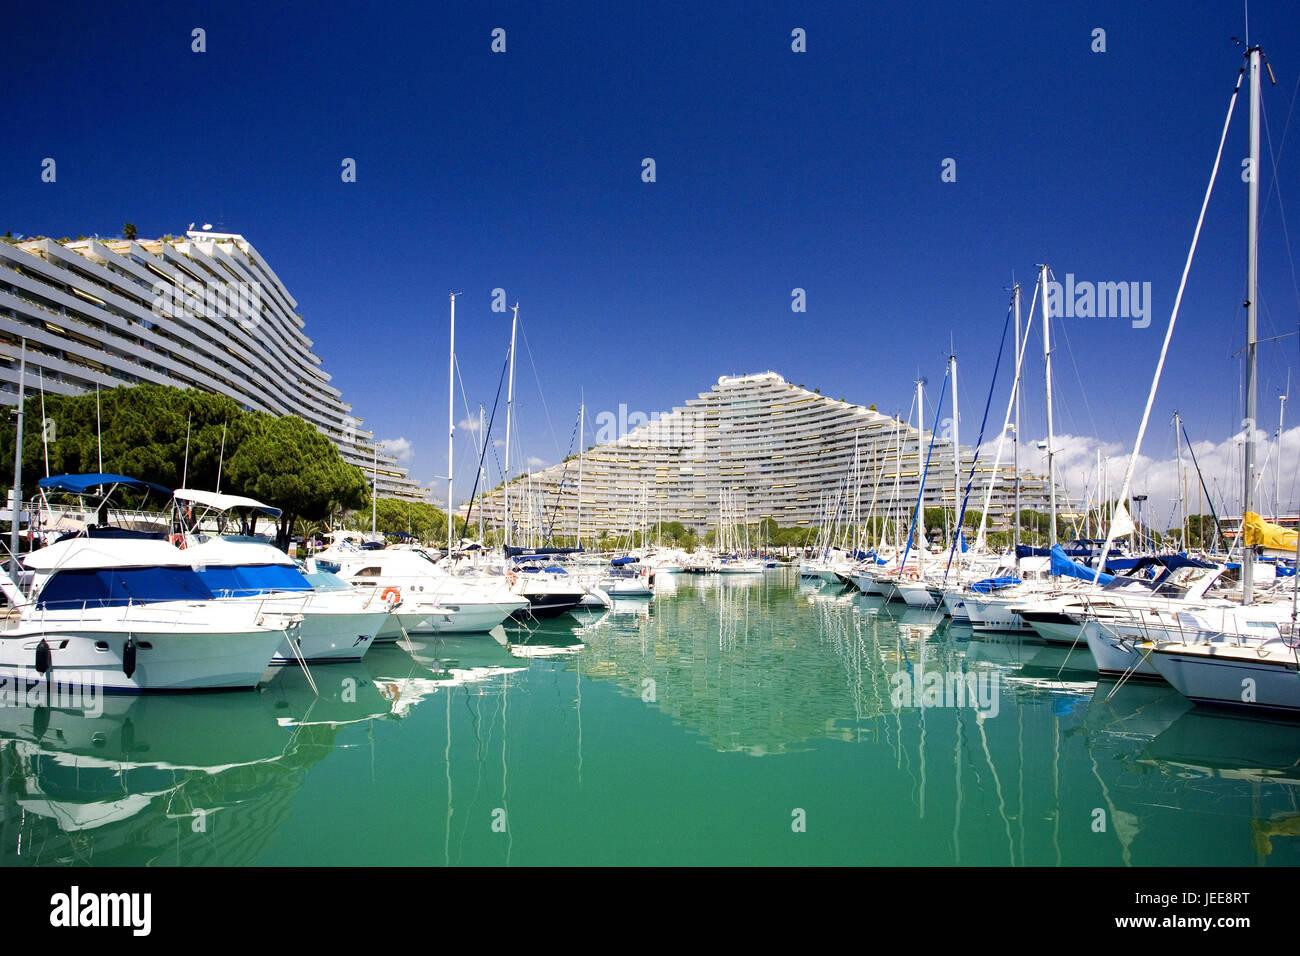 La Francia, la falena grandee, complesso alberghiero, yacht harbour, località balneare, edificio, complesso Immagini Stock